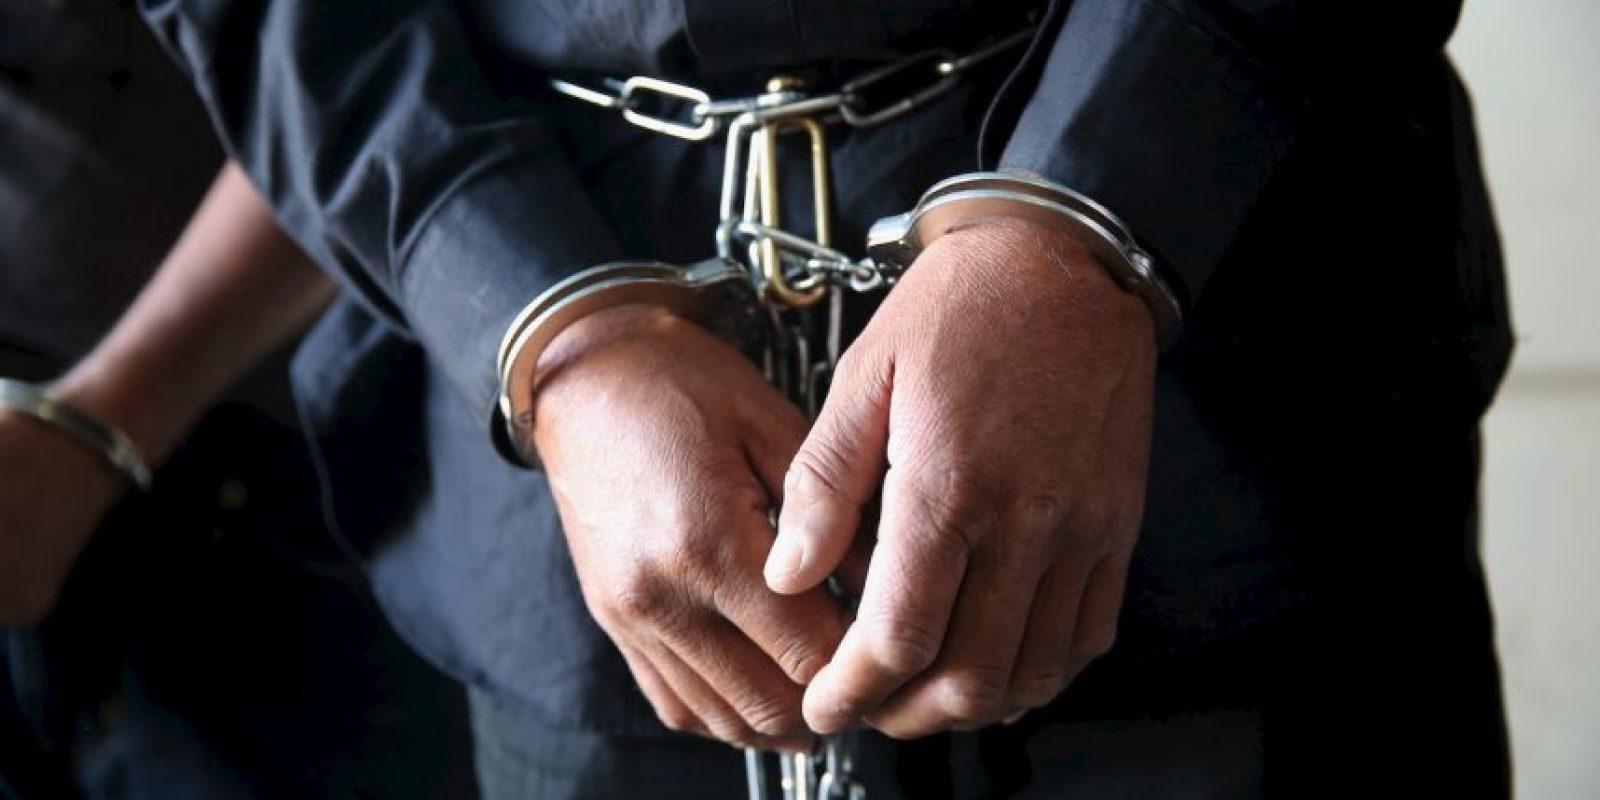 8. Estos delitos son fraude, hurto, consumo de pequeñas dosis de drogas ilegales, entre otros. Foto:Getty